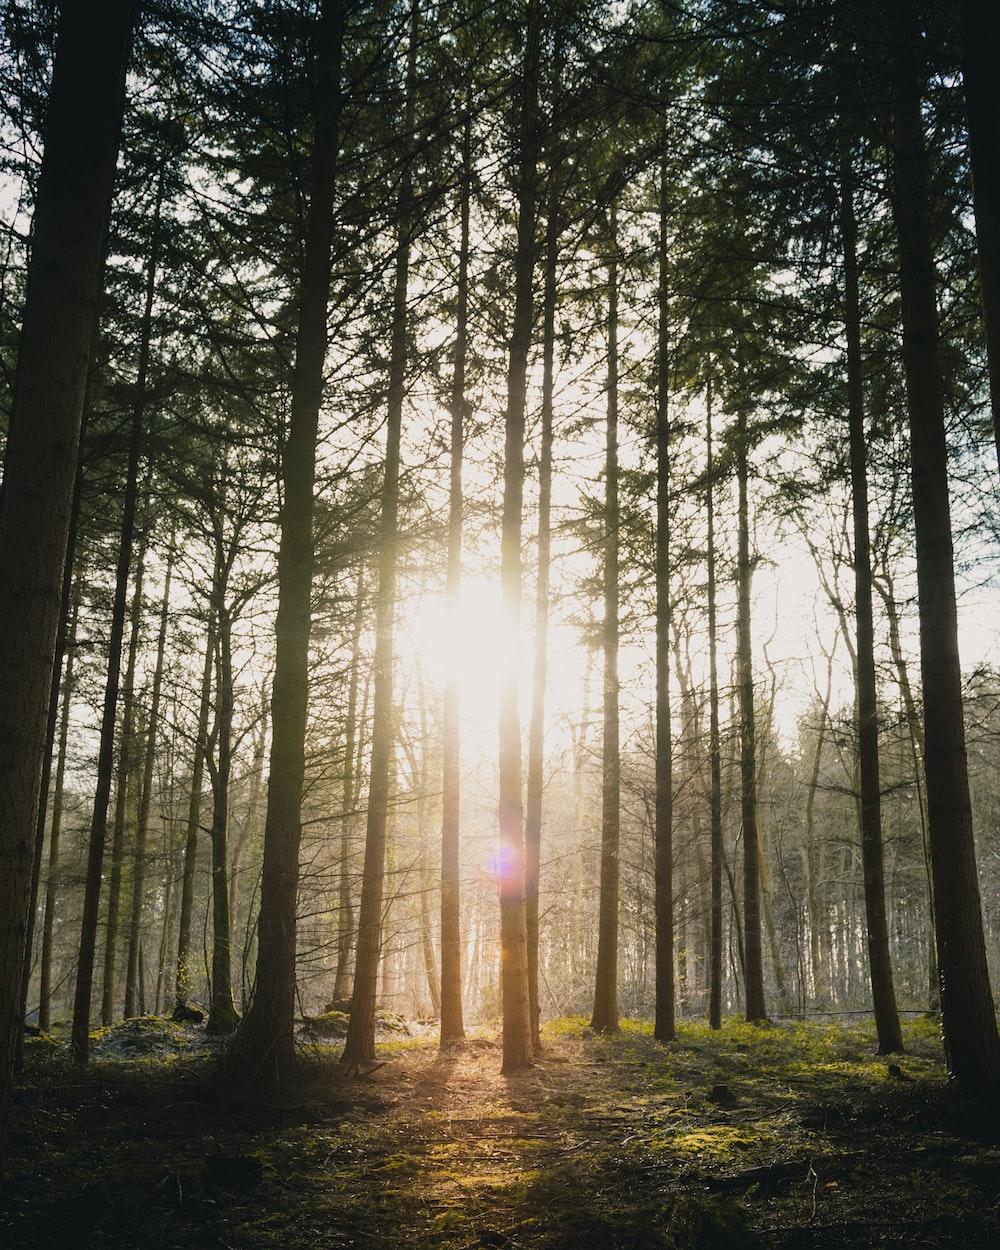 sunlight piercing through woods